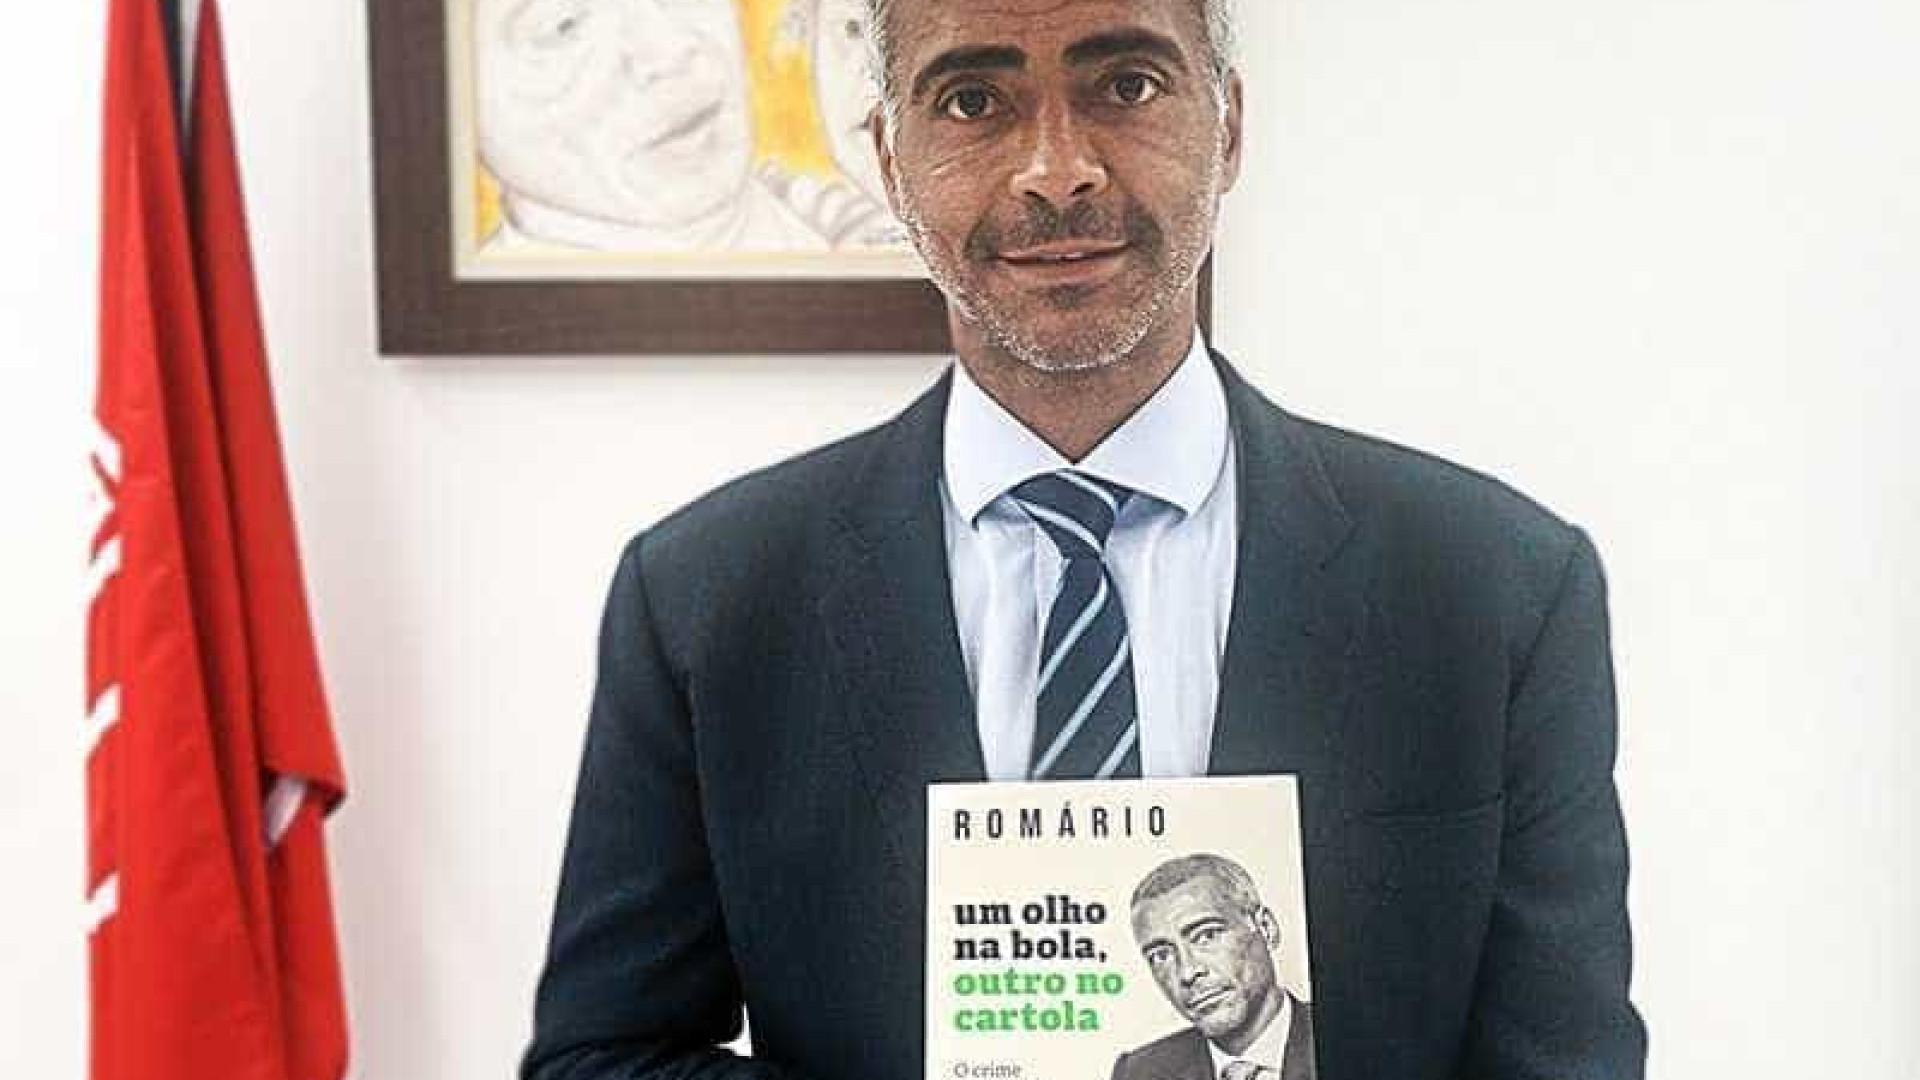 CBF notifica extrajudicialmente editora que publicará livro de Romário